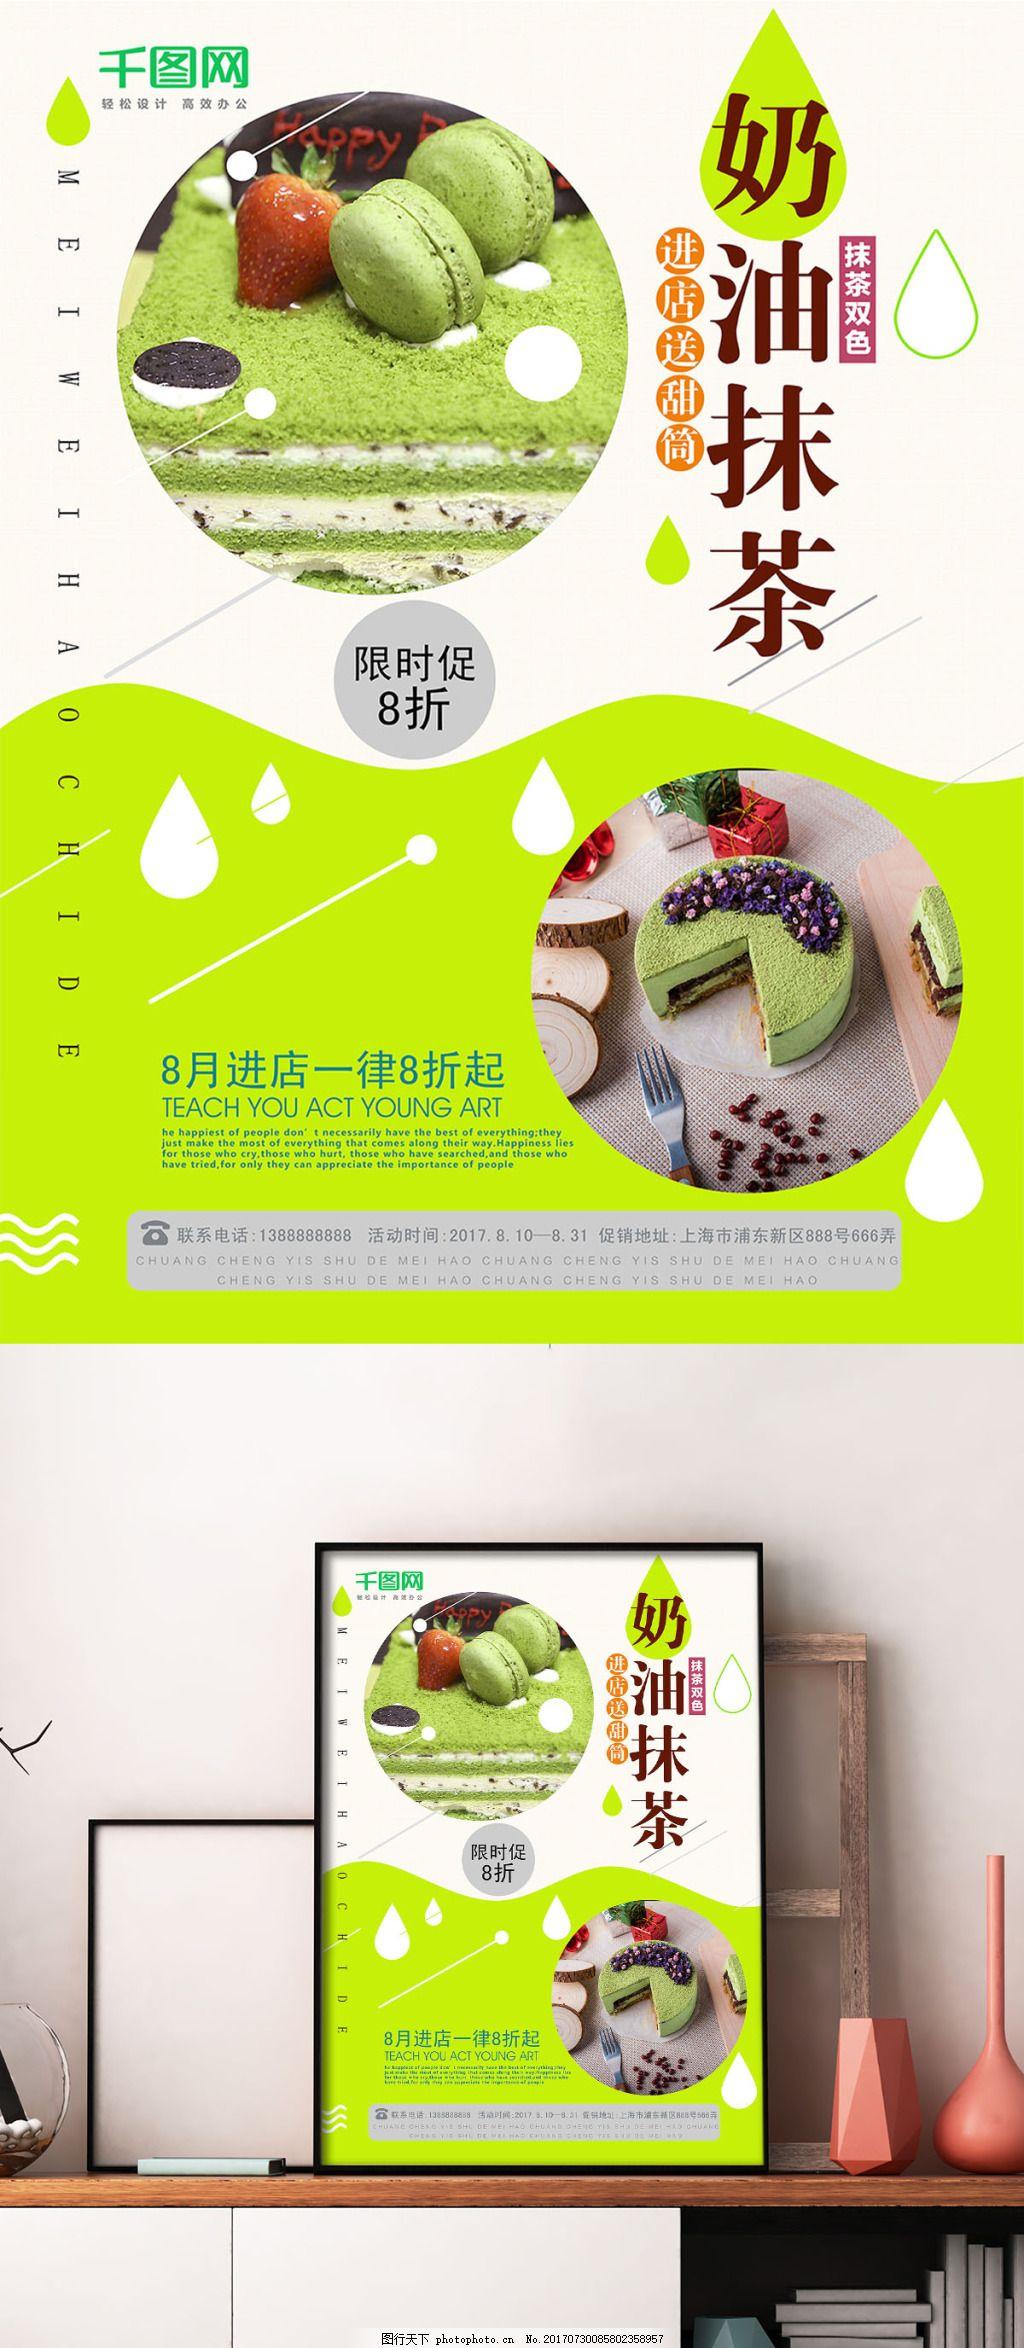 清新简约抹茶海报设计 奶油抹茶 清新海报 甜品店宣传 小清新风格